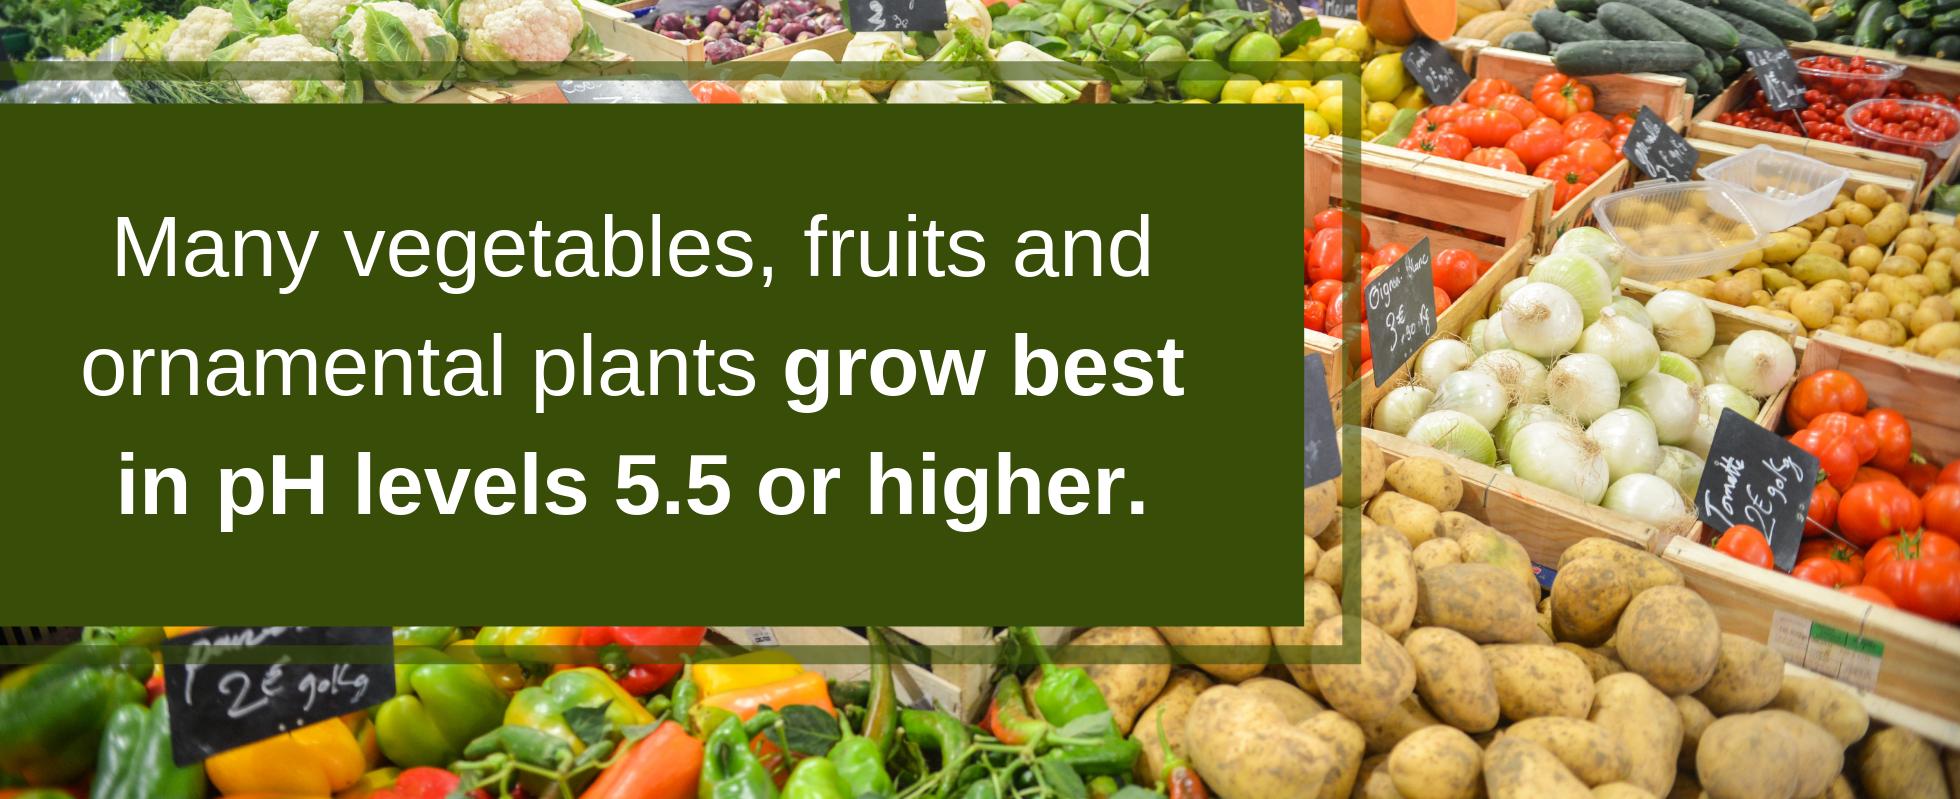 ph5 or higher for vegatables